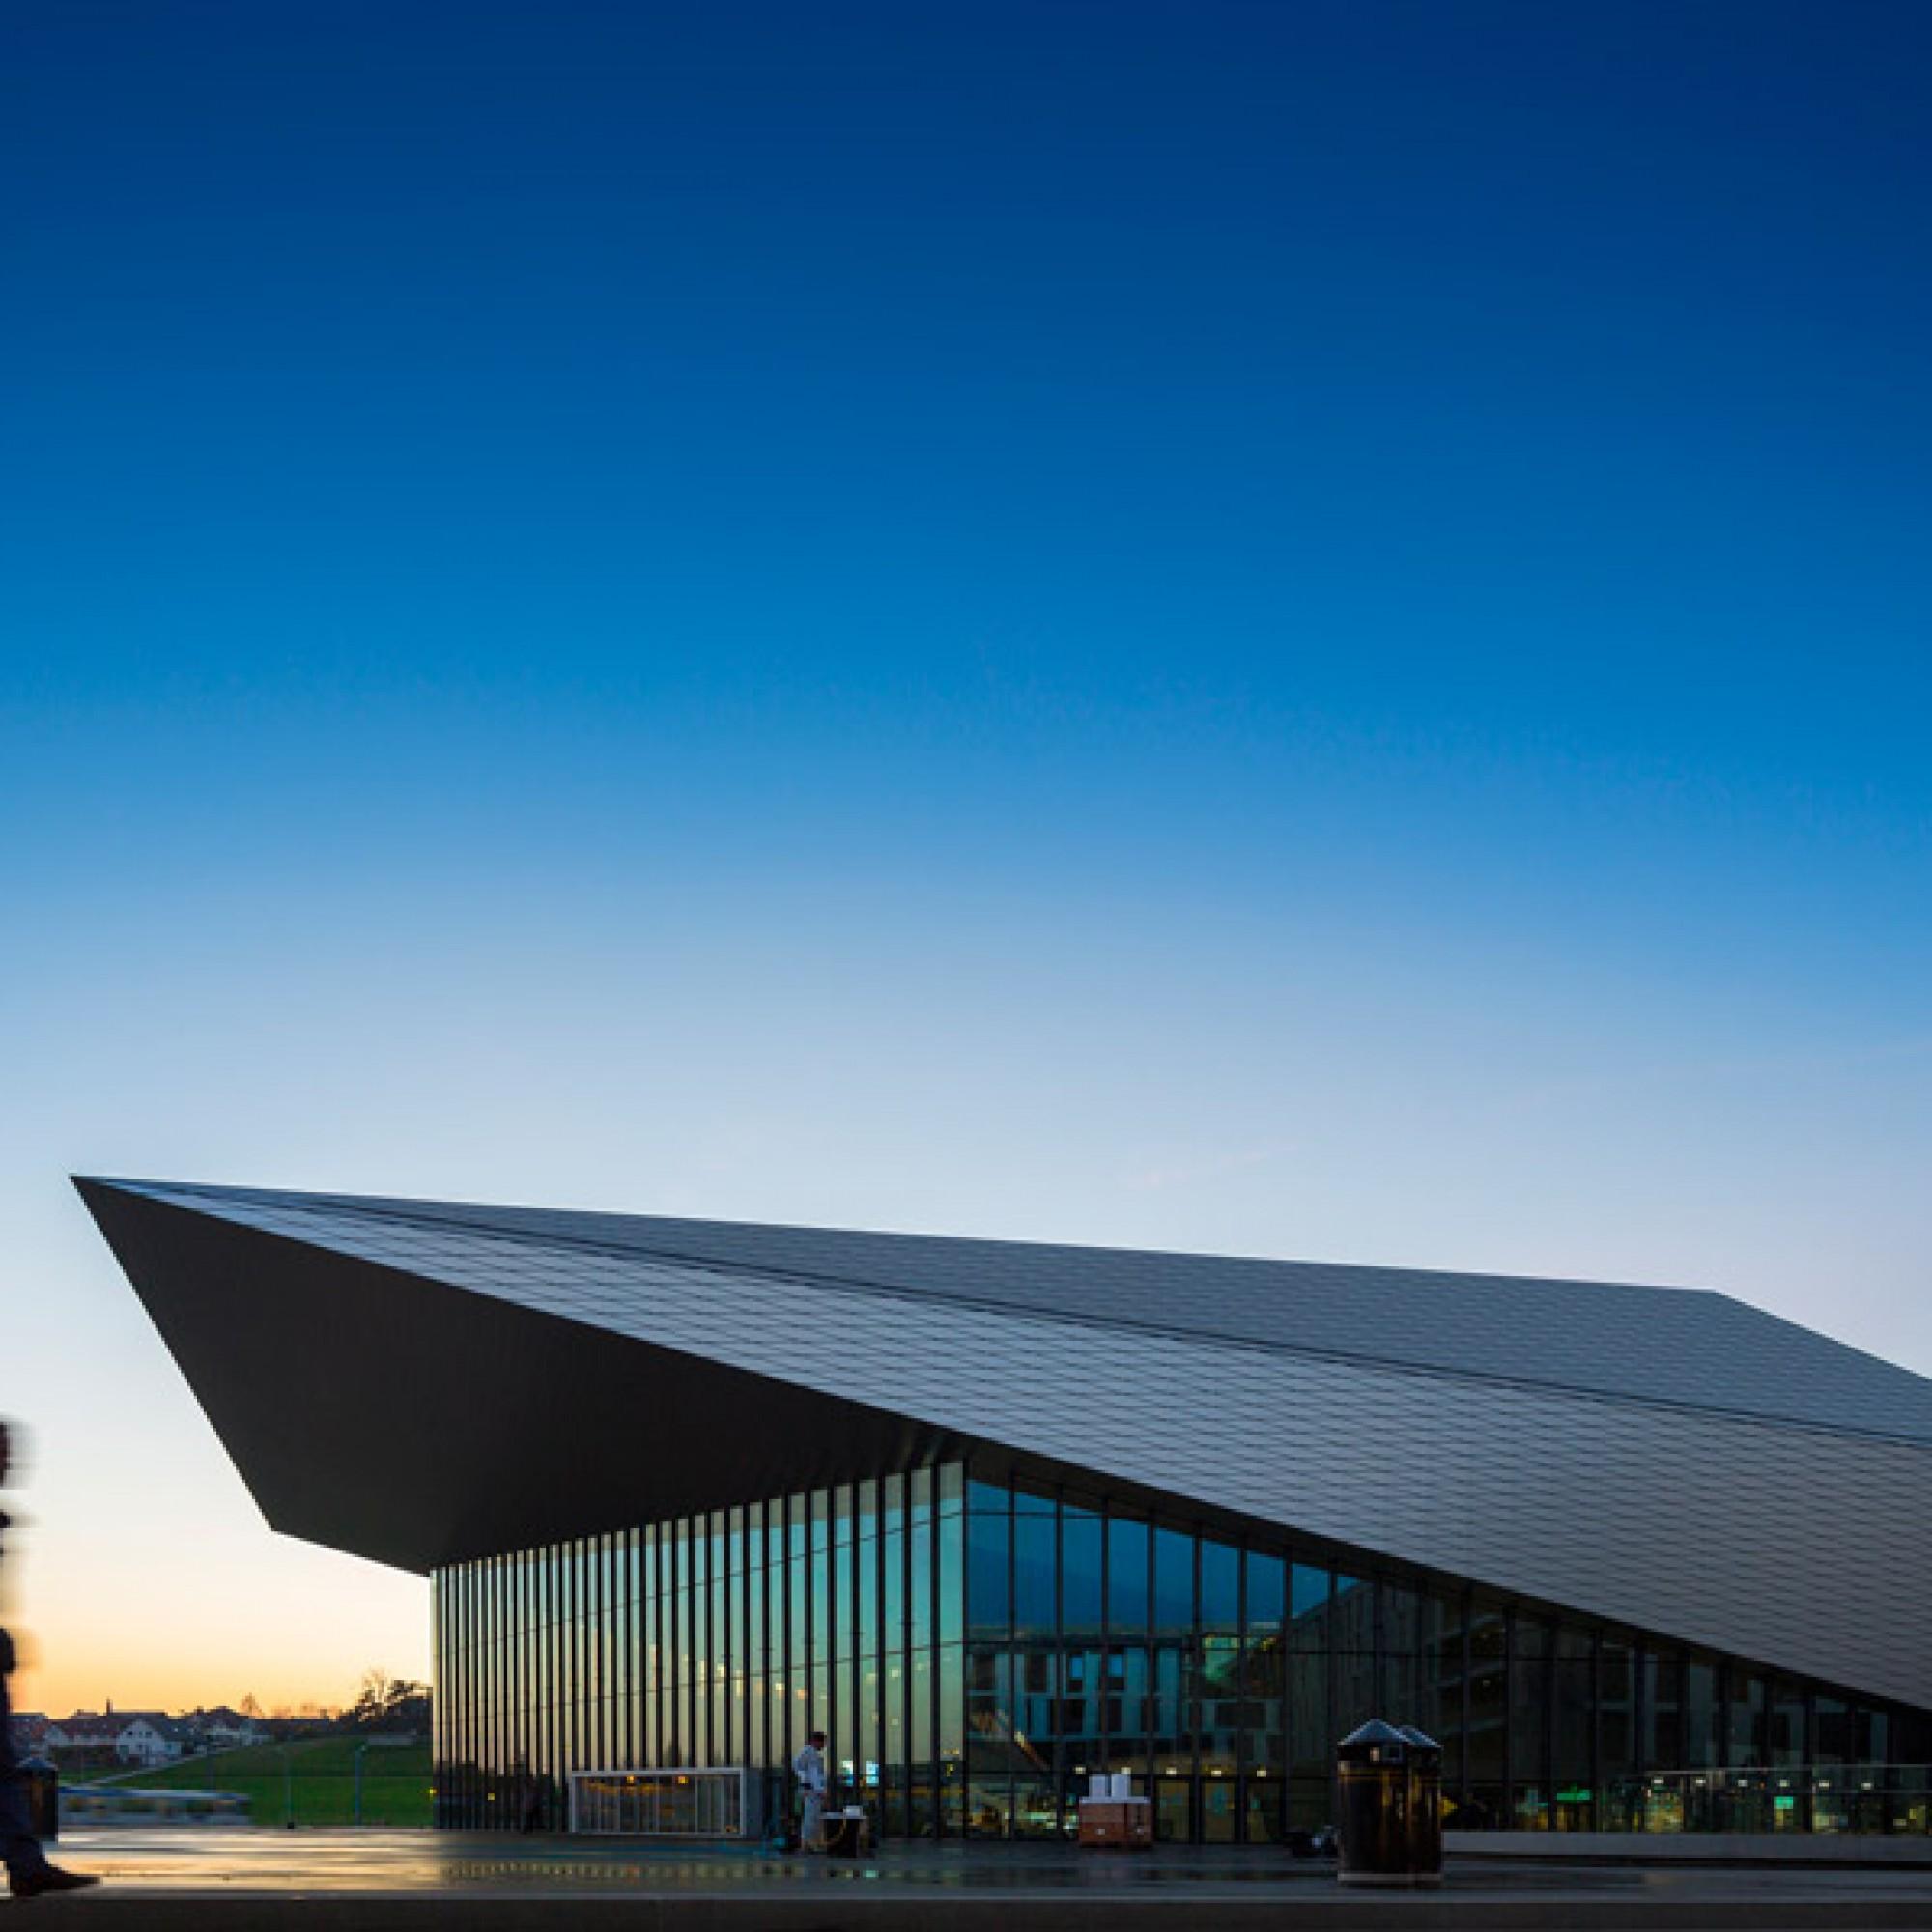 Das auskragende Dach ist ein Markenzeichen des neuen Zentrums. (EPFL)